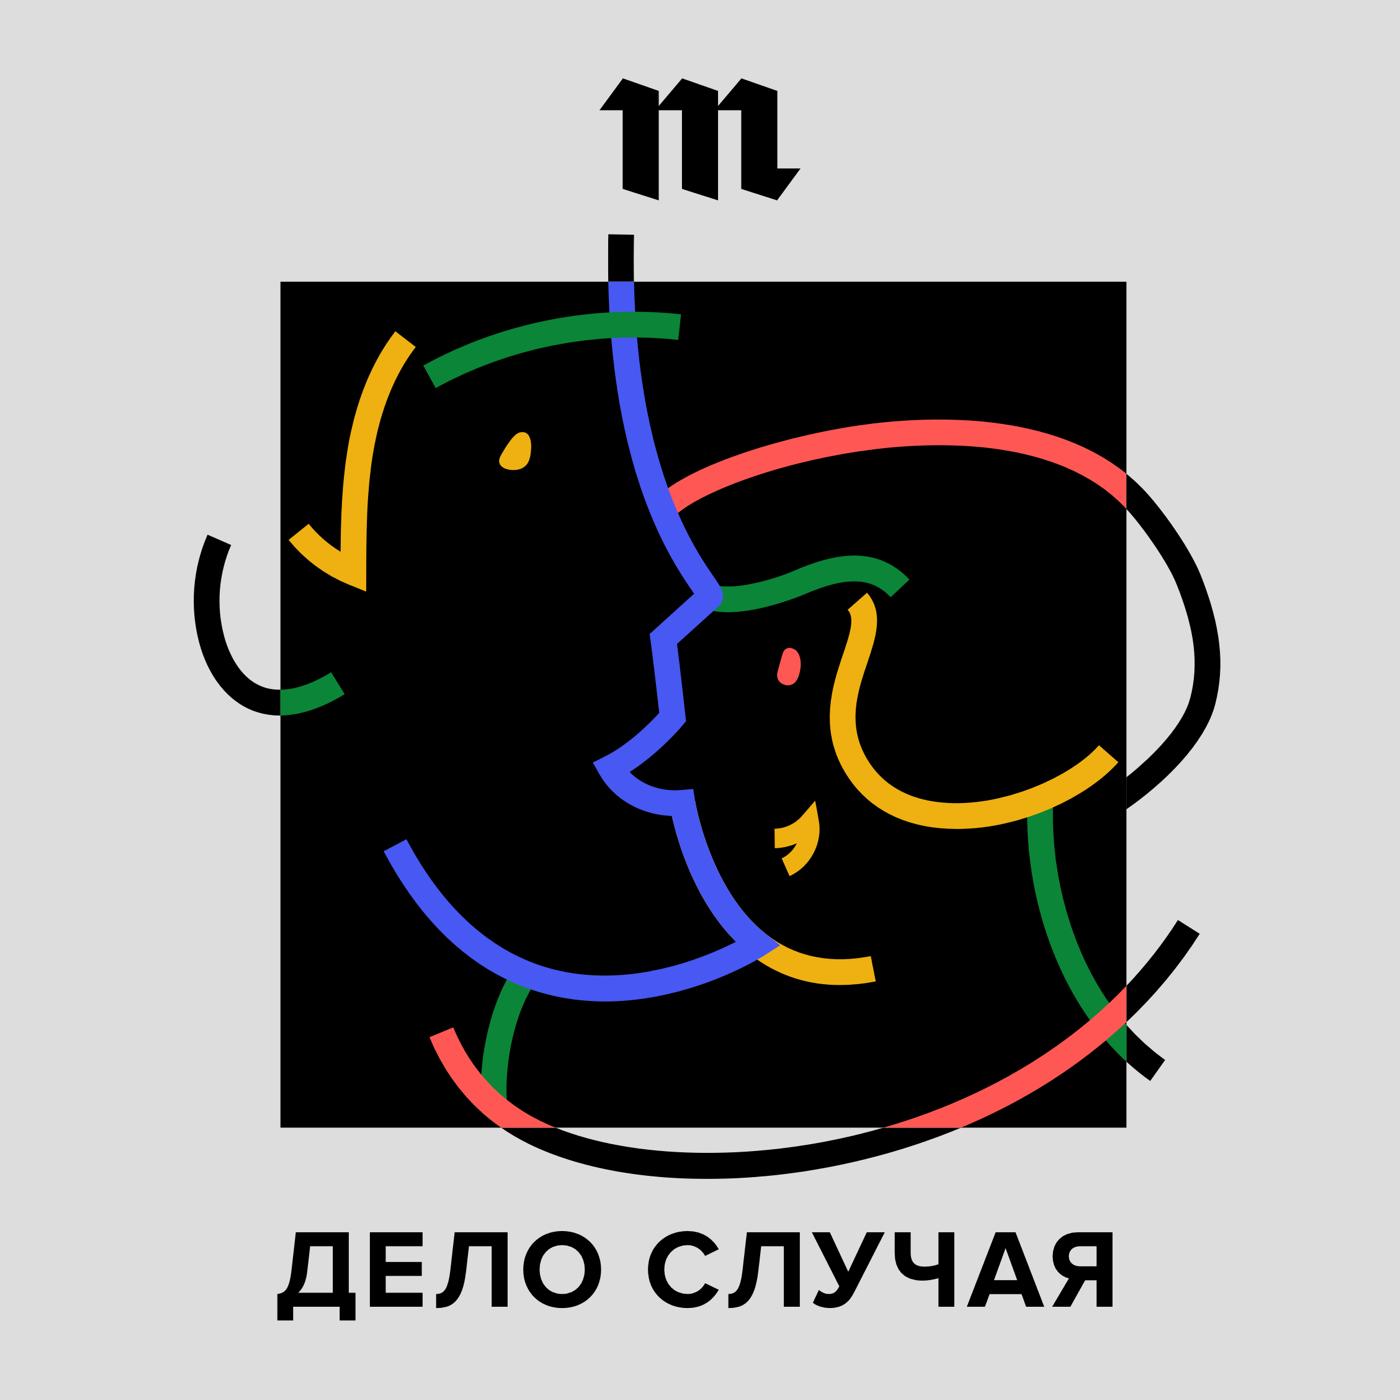 Андрей Бабицкий Что считать согласием на секс? дейтел пол дж дейтел харви нието тем как програмировать на xml